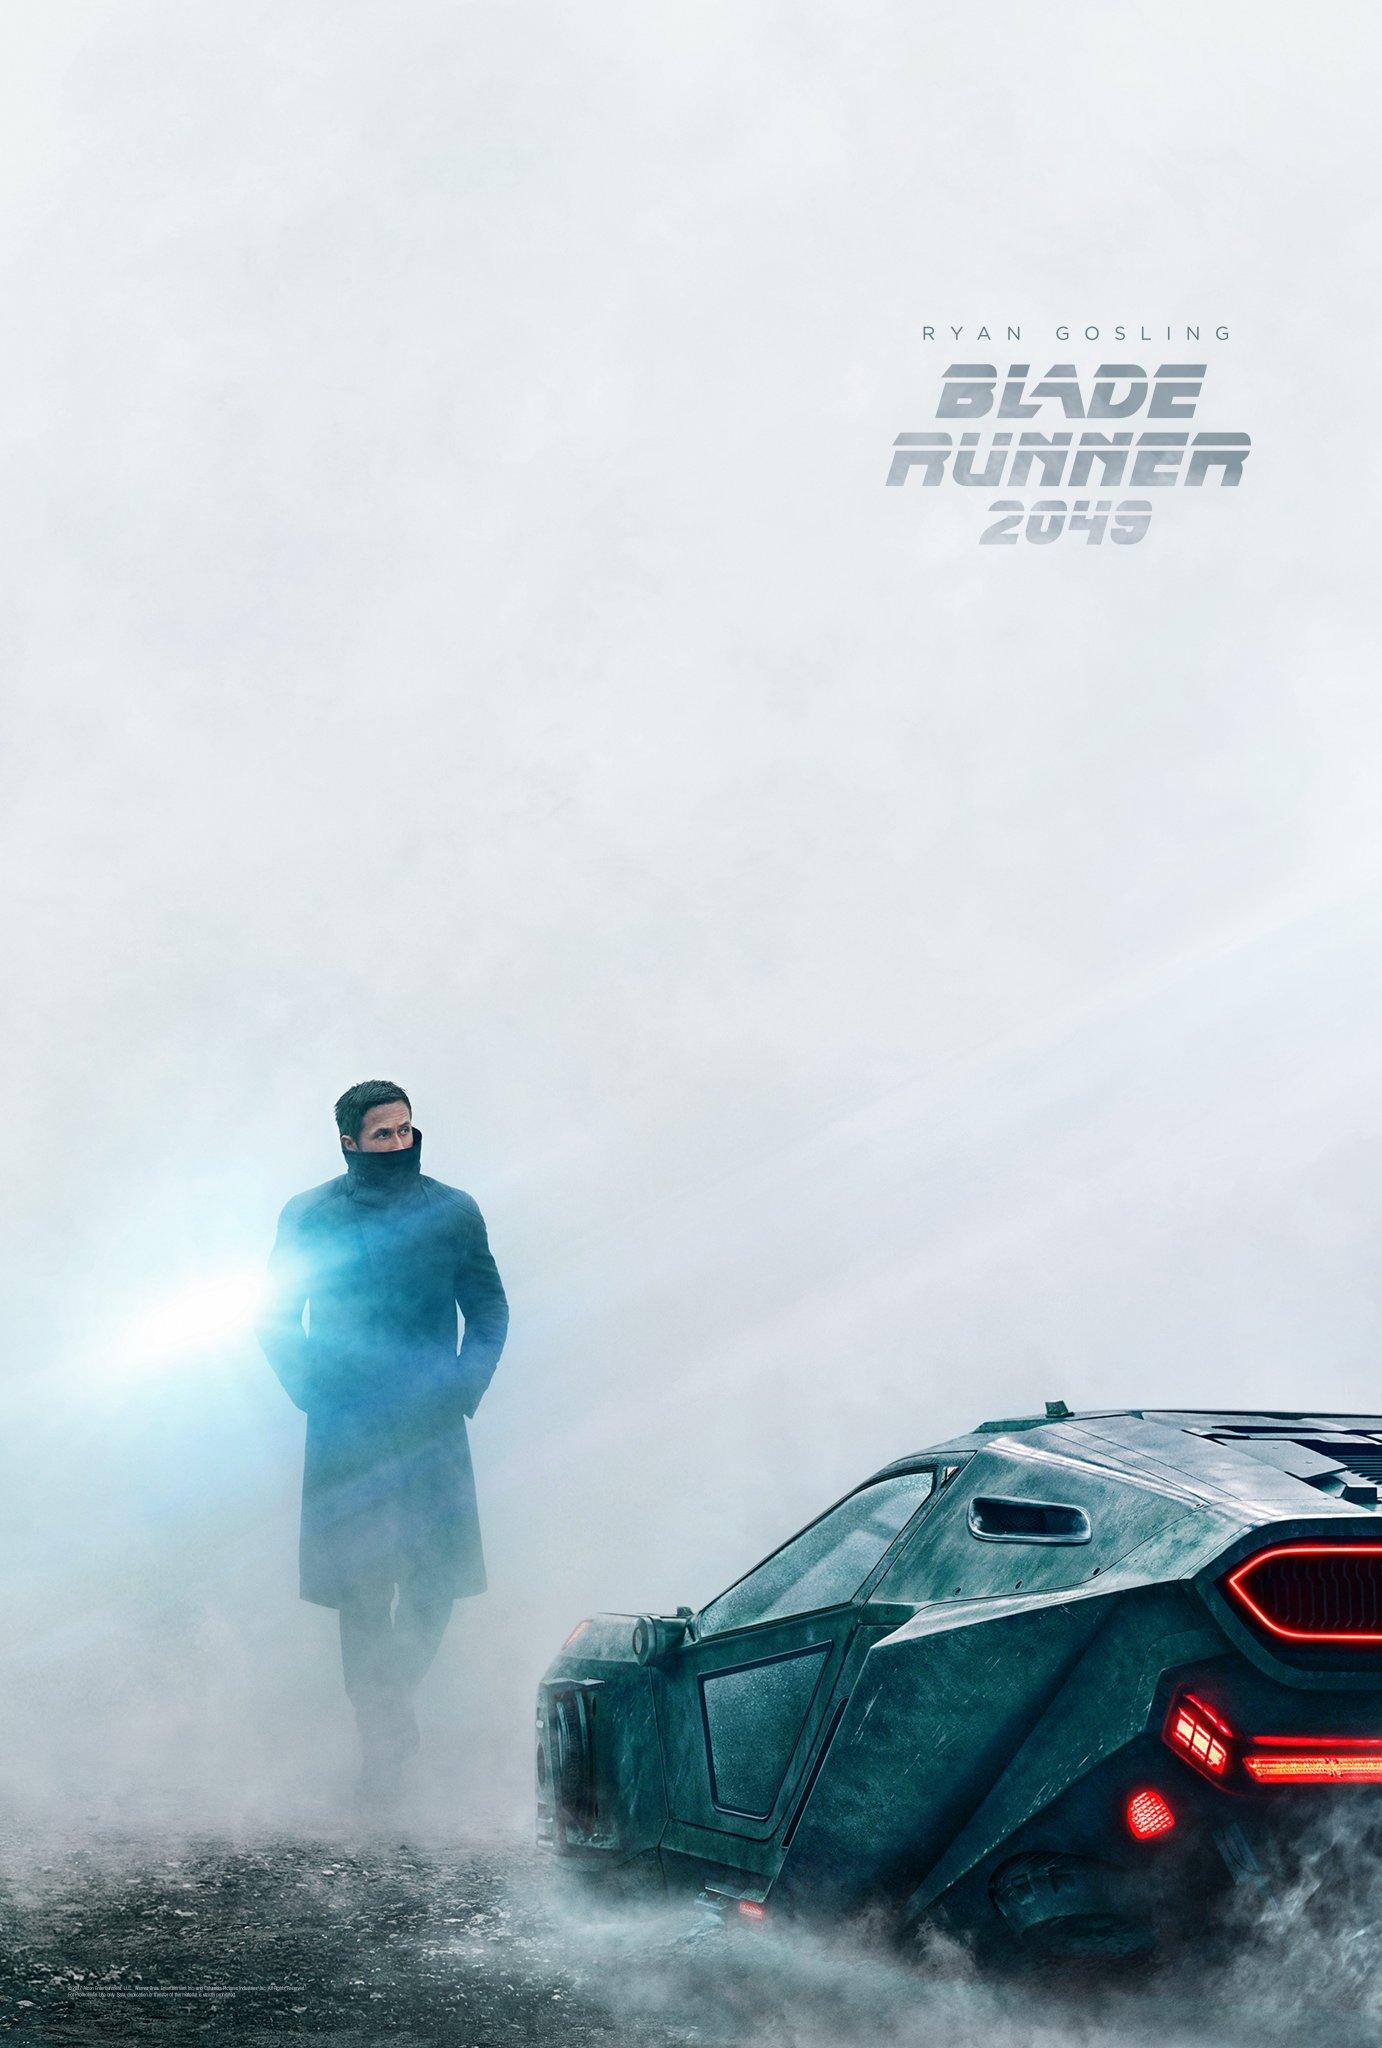 04052017_blade_runner_2049_poster_1